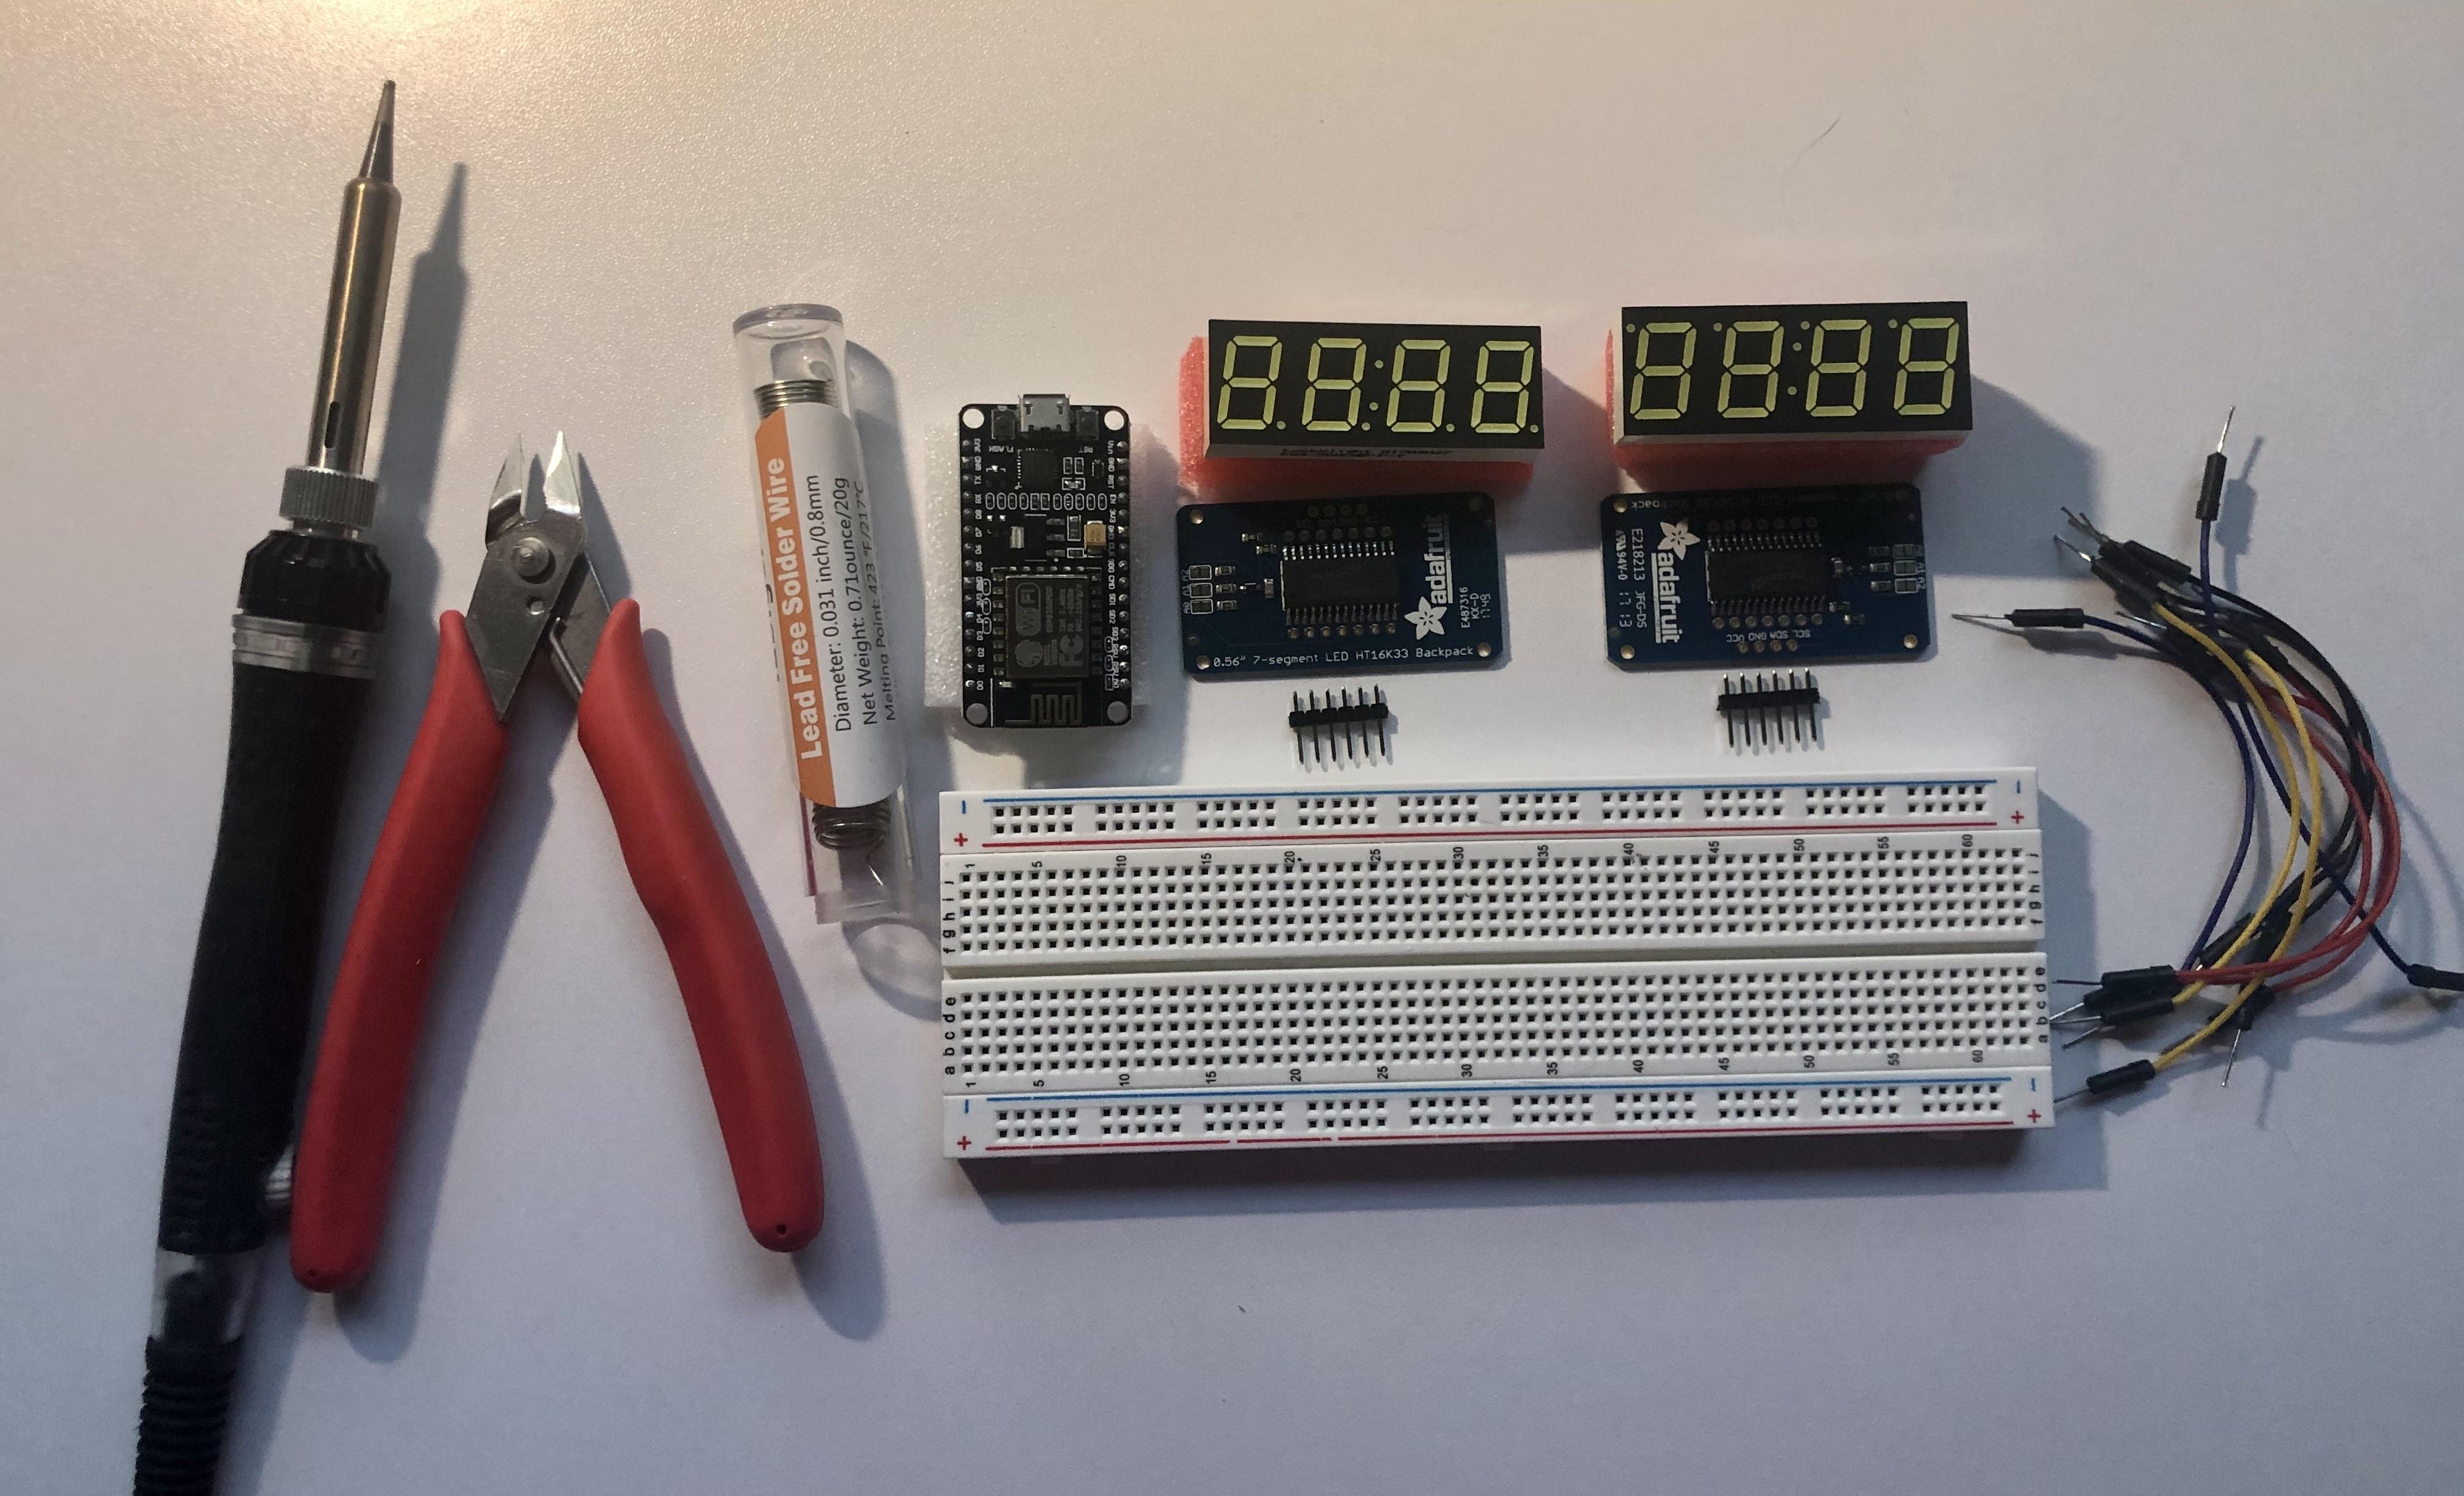 Prototype supplies